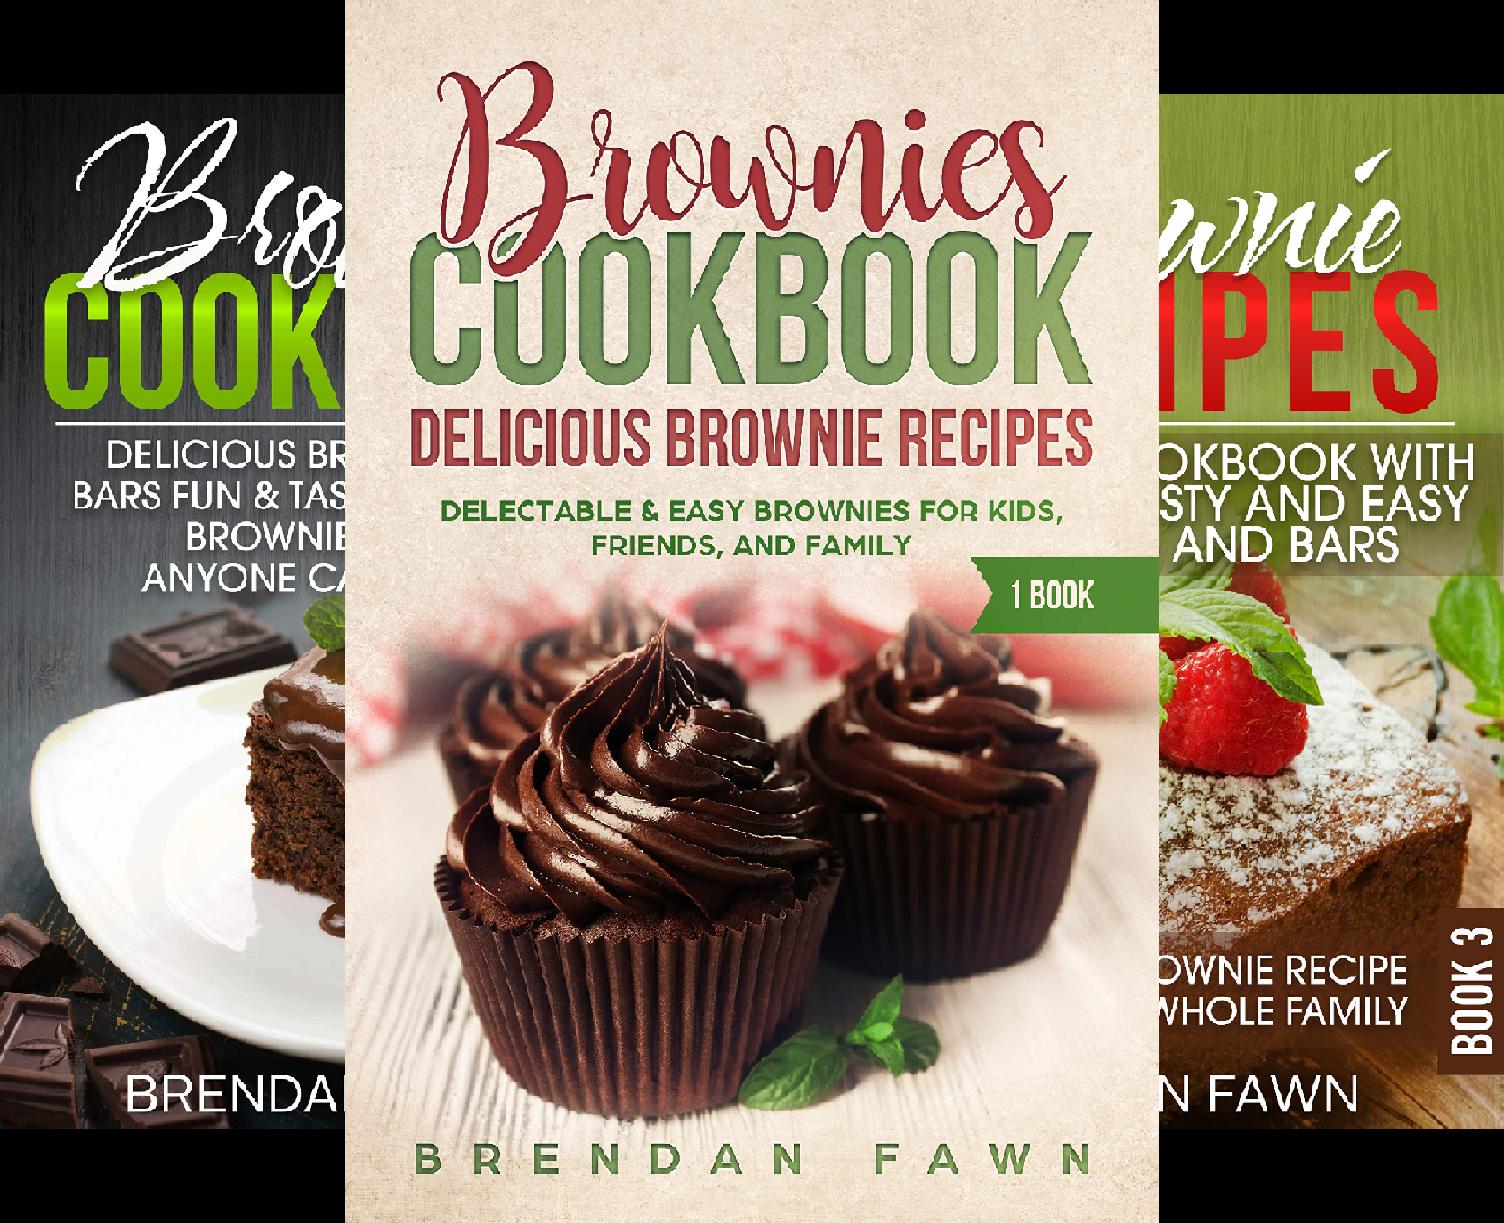 Homemade Brownies (3 Book Series)